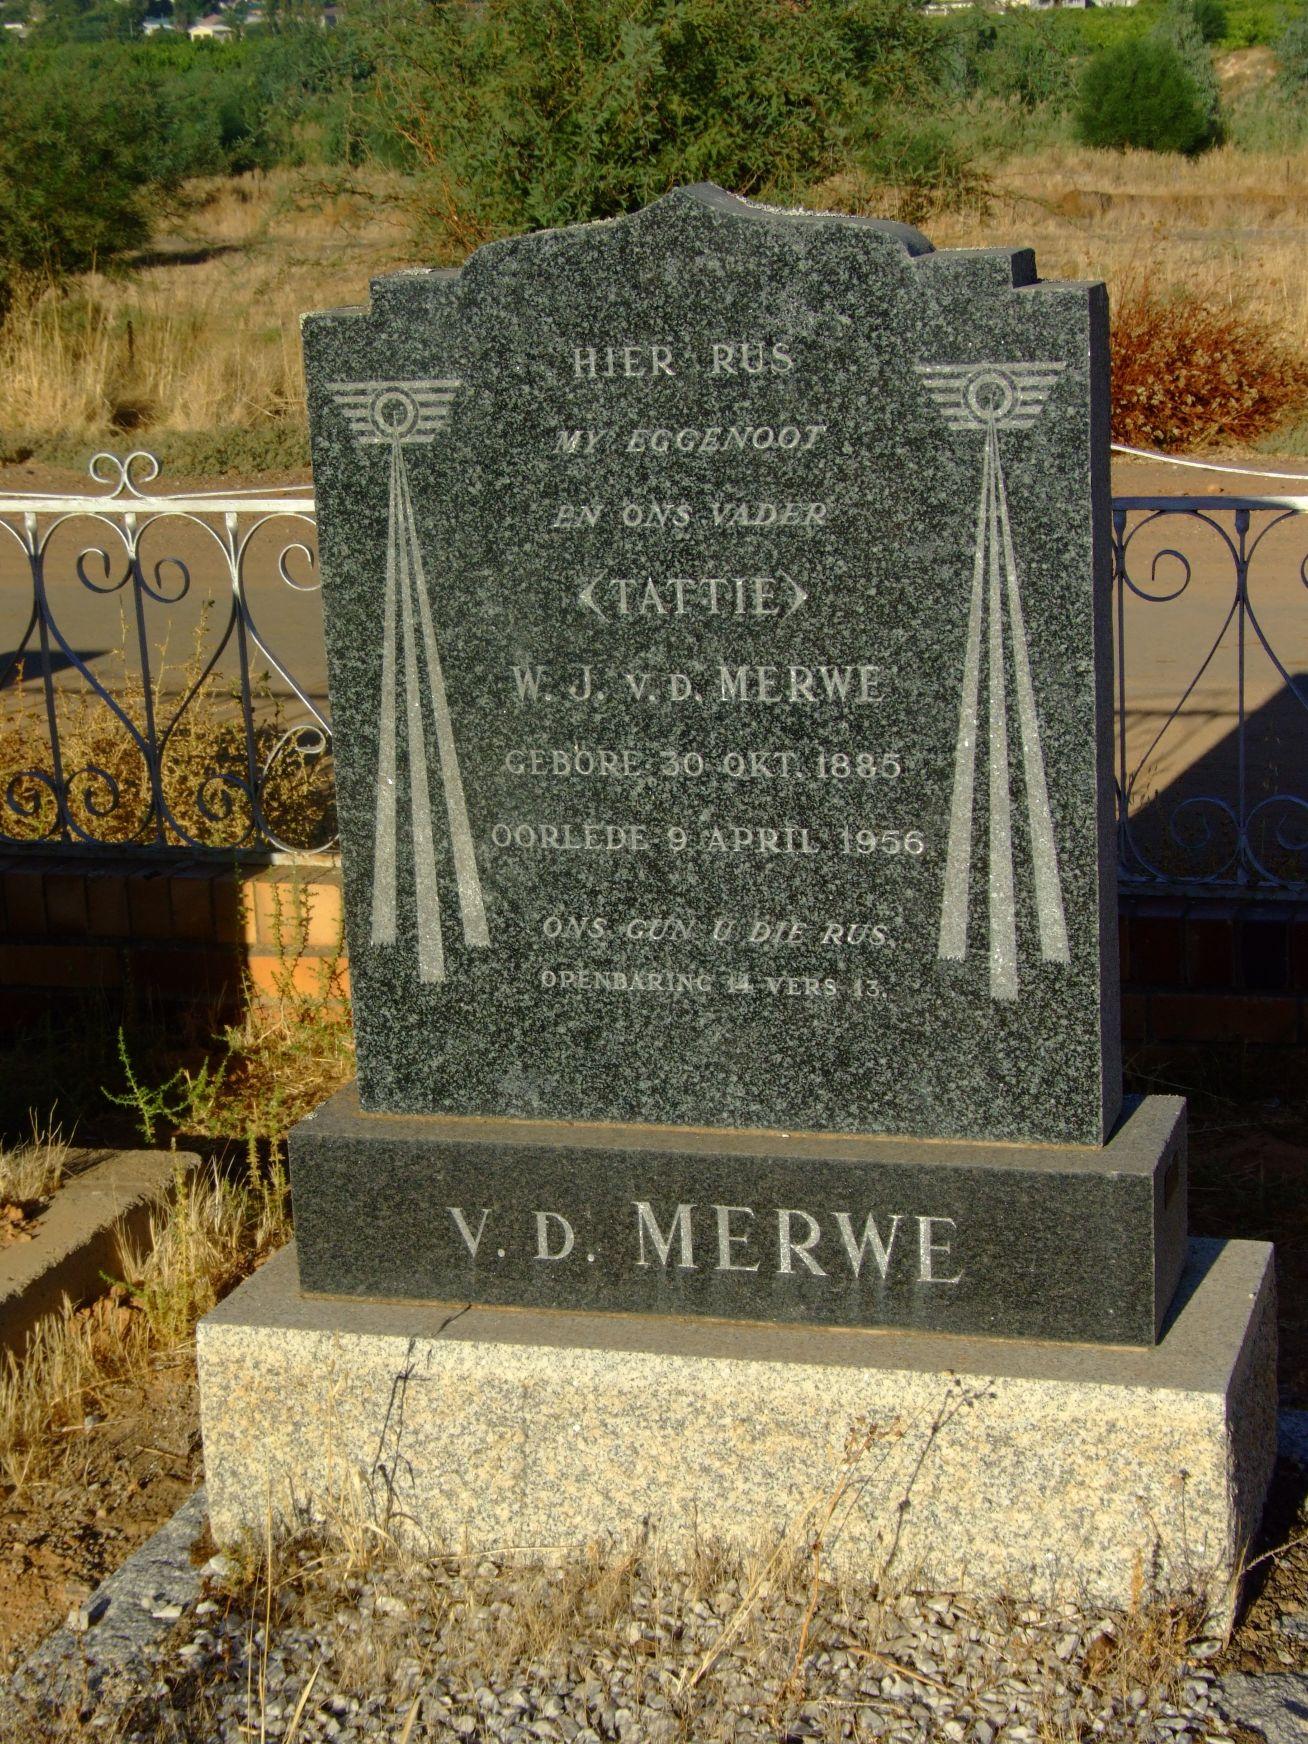 Van Der Merwe, W. J.